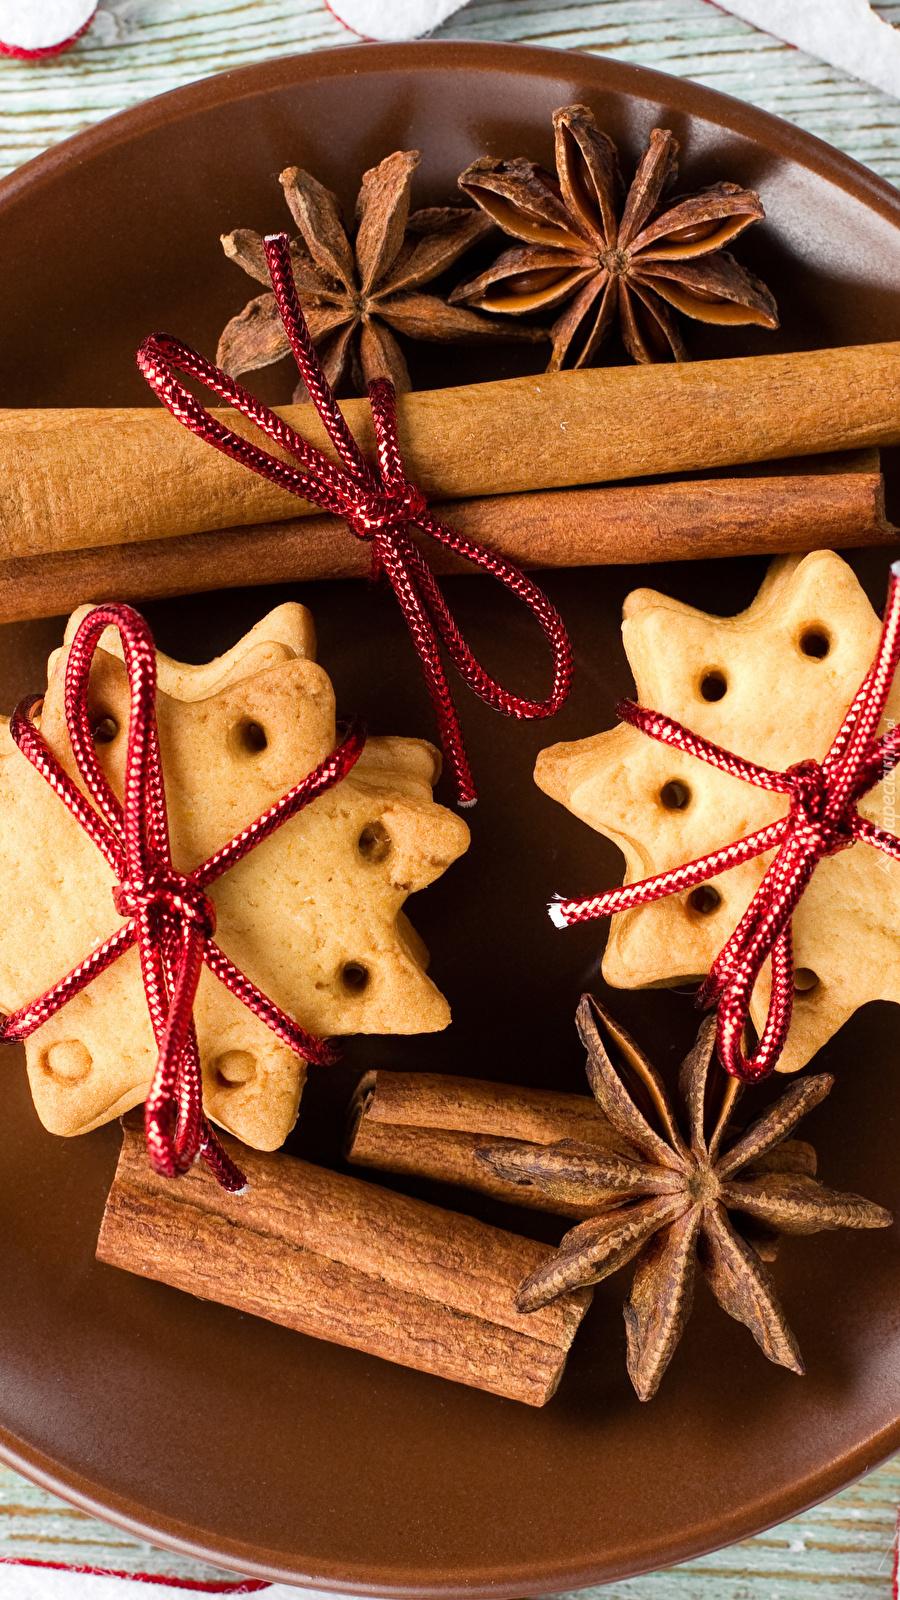 Świąteczne ciasteczka i laski cynamonu